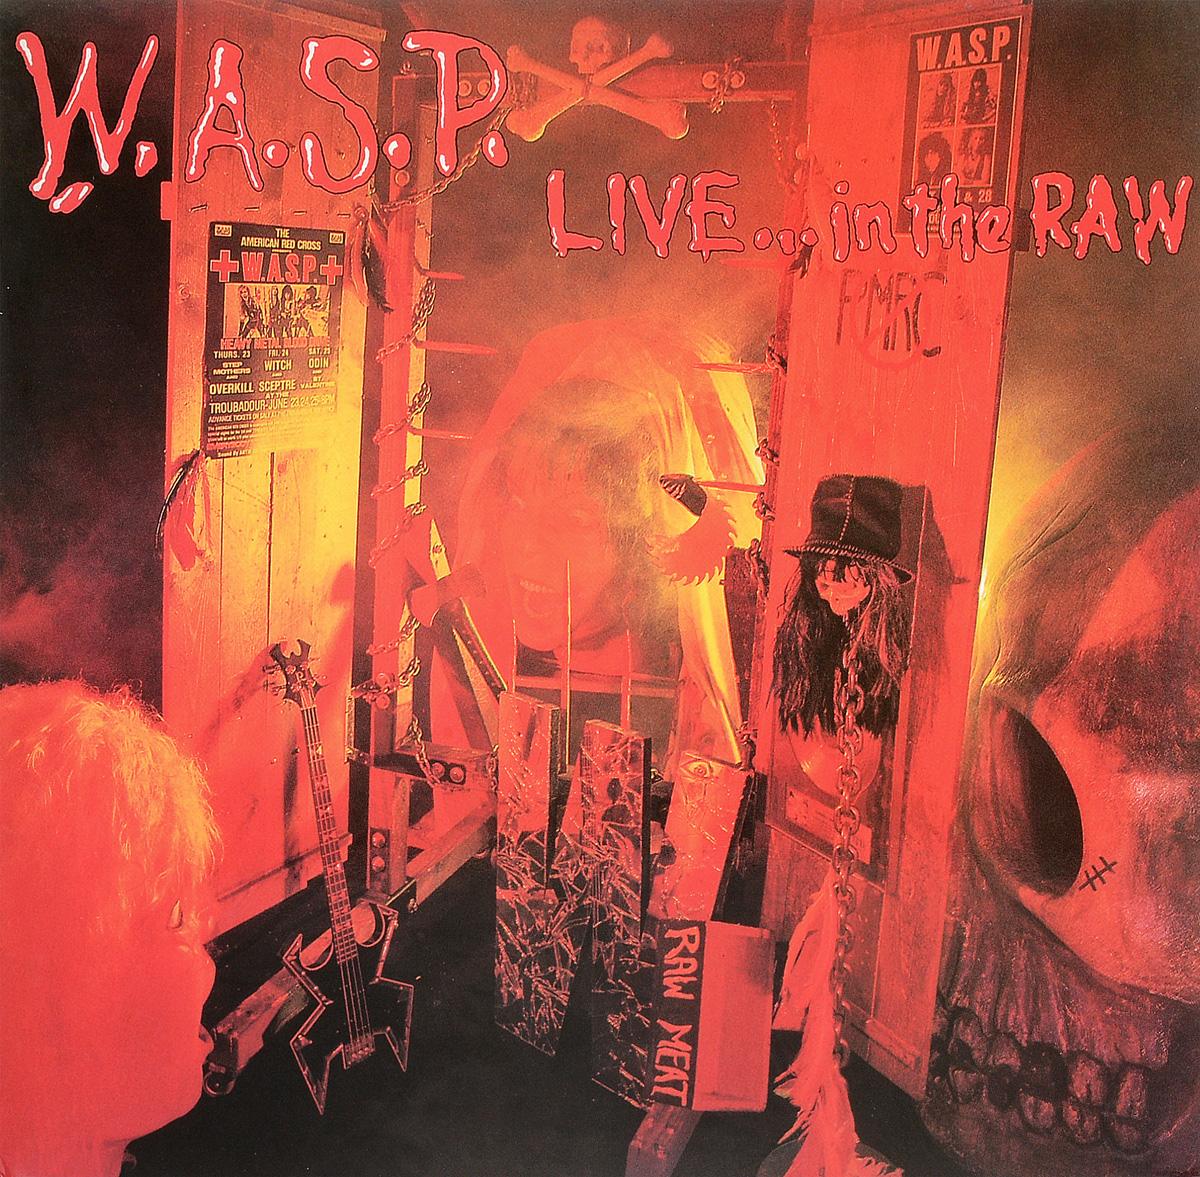 W.A.S.P. W.A.S.P. Live In The Raw (2 LP) procol harum procol harum live in concert with the edmonton symphony 2 lp colour